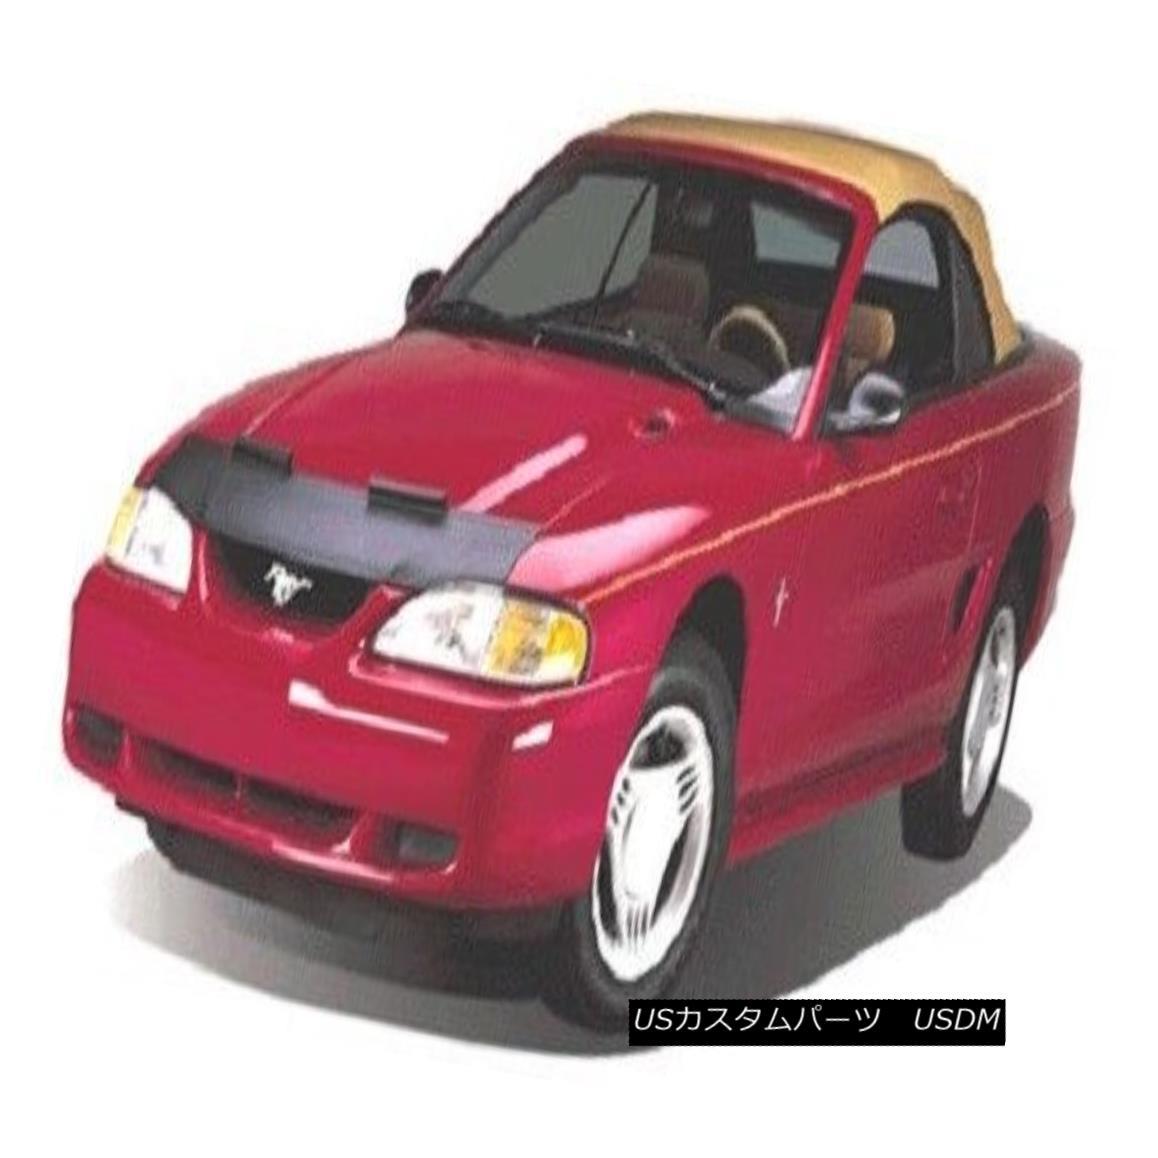 フルブラ ノーズブラ Lebra Hood Protector Mini Mask Bra Fits Dodge Caravan 2001-2007 01-07 All Lebraフードプロテクターミニマスクブラはドッジキャラバンフィット2001-2007 01-07すべて